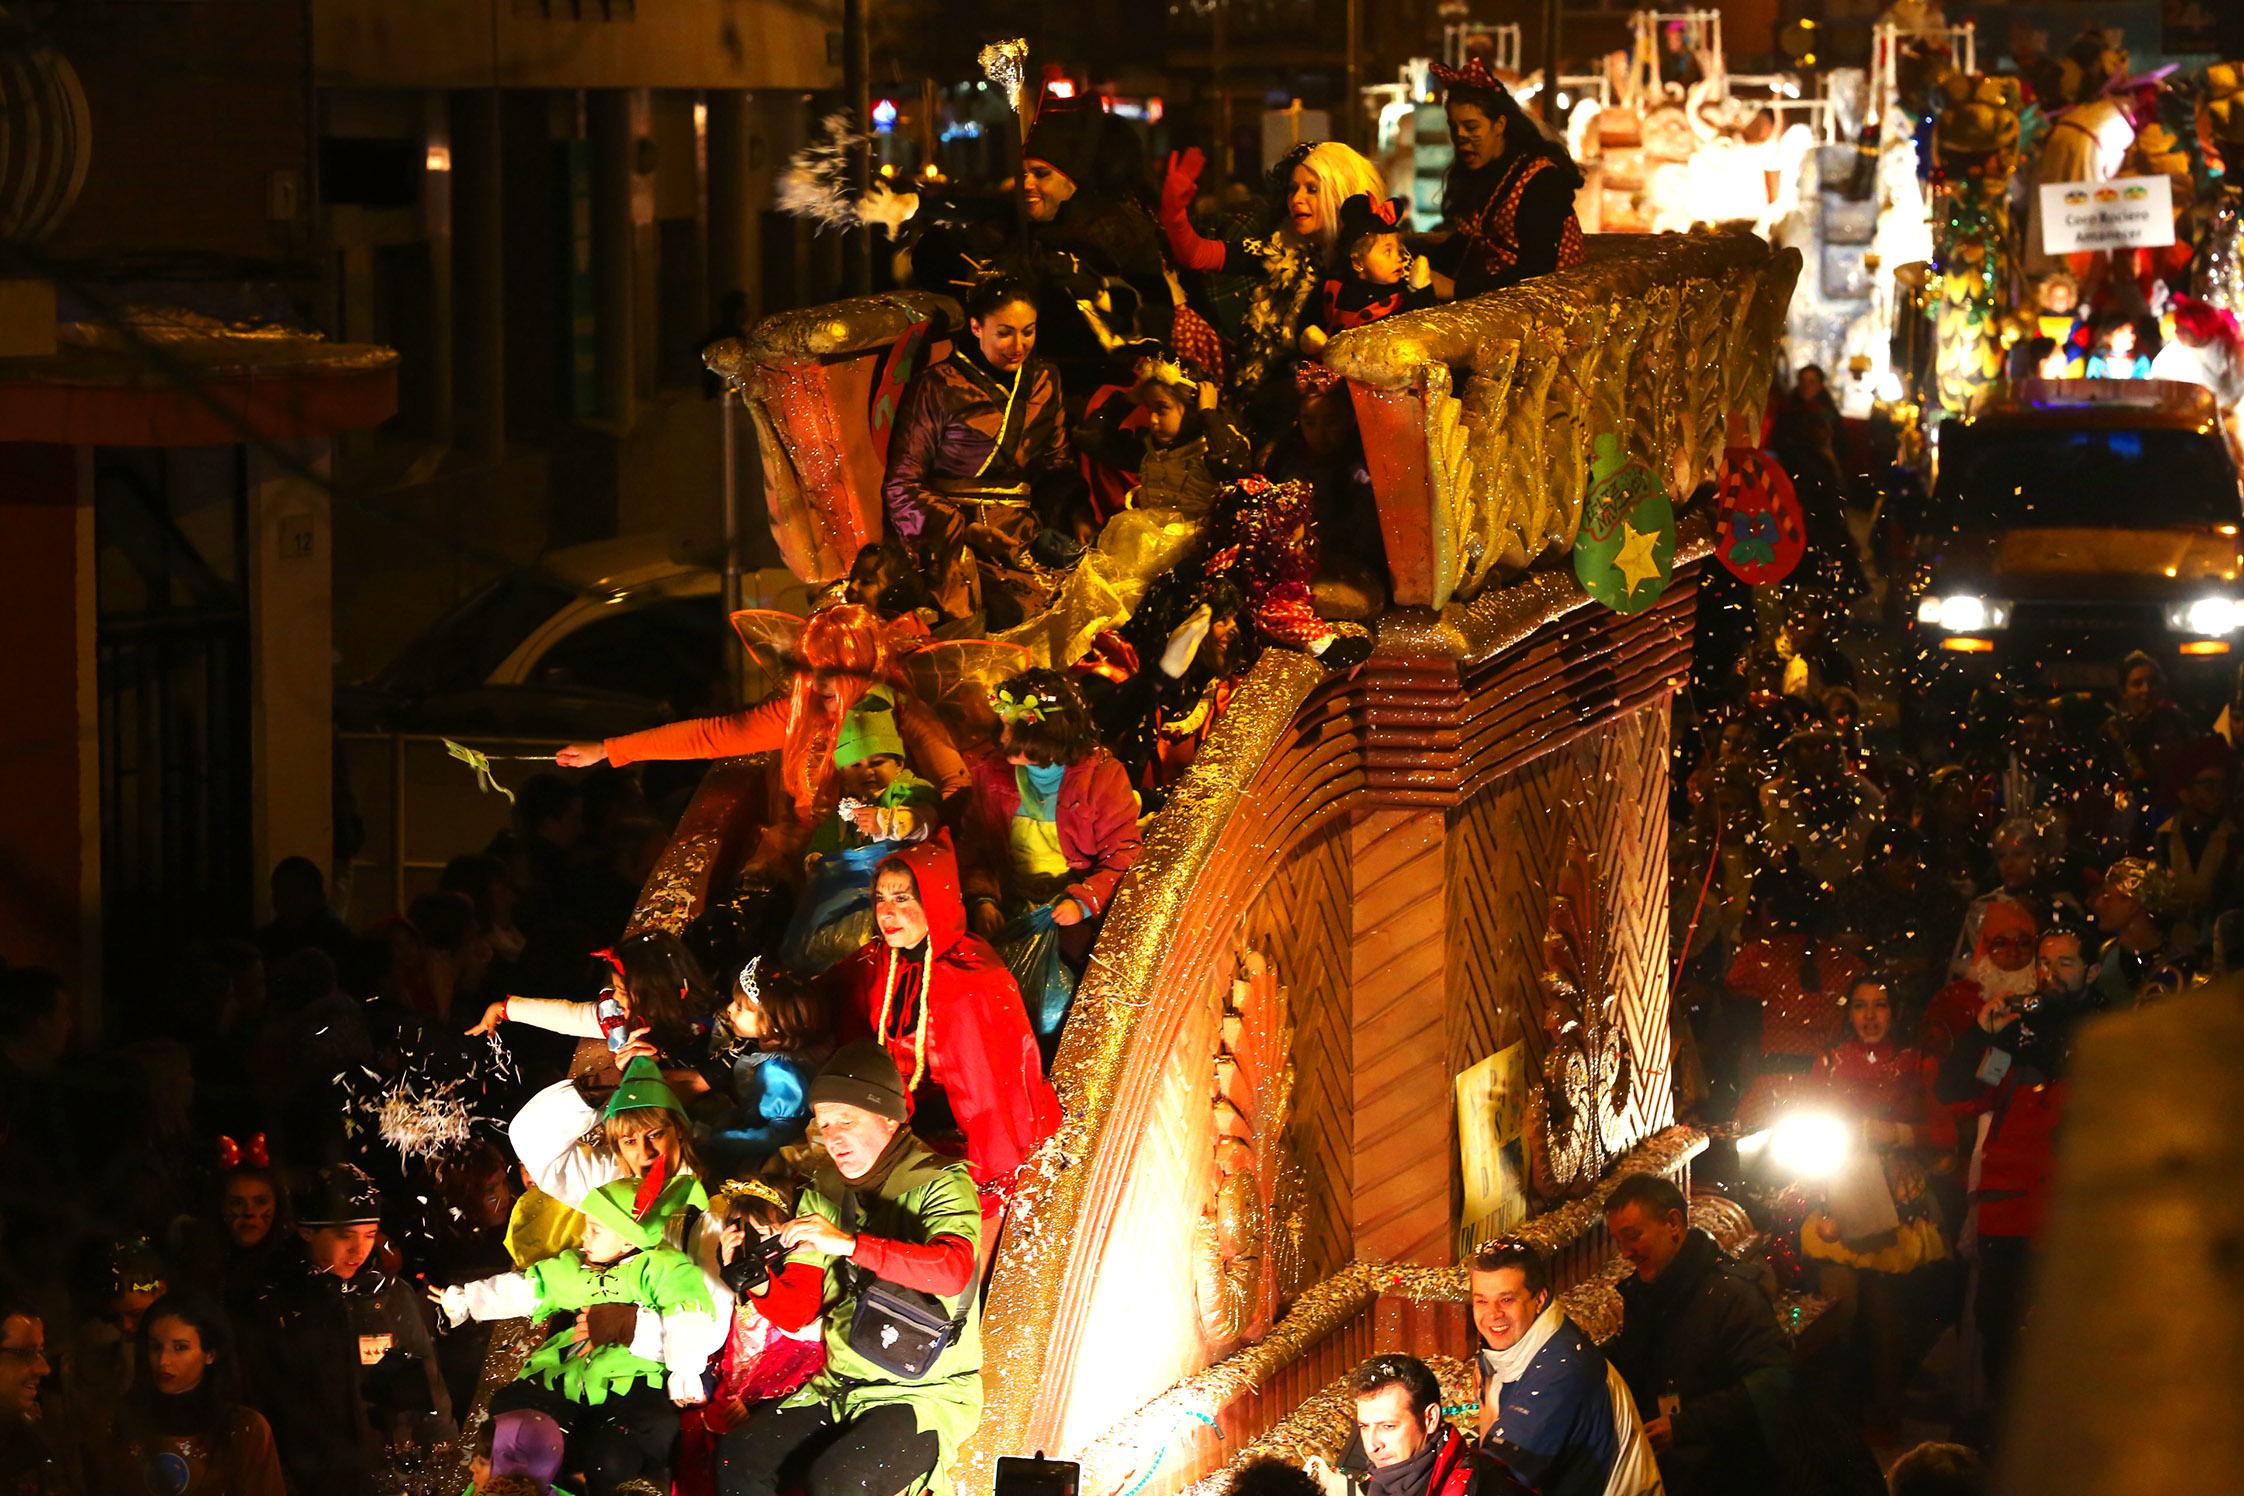 Los Reyes Magos recorrerán las calles de Alcobendas el próximo lunes 5 de enero